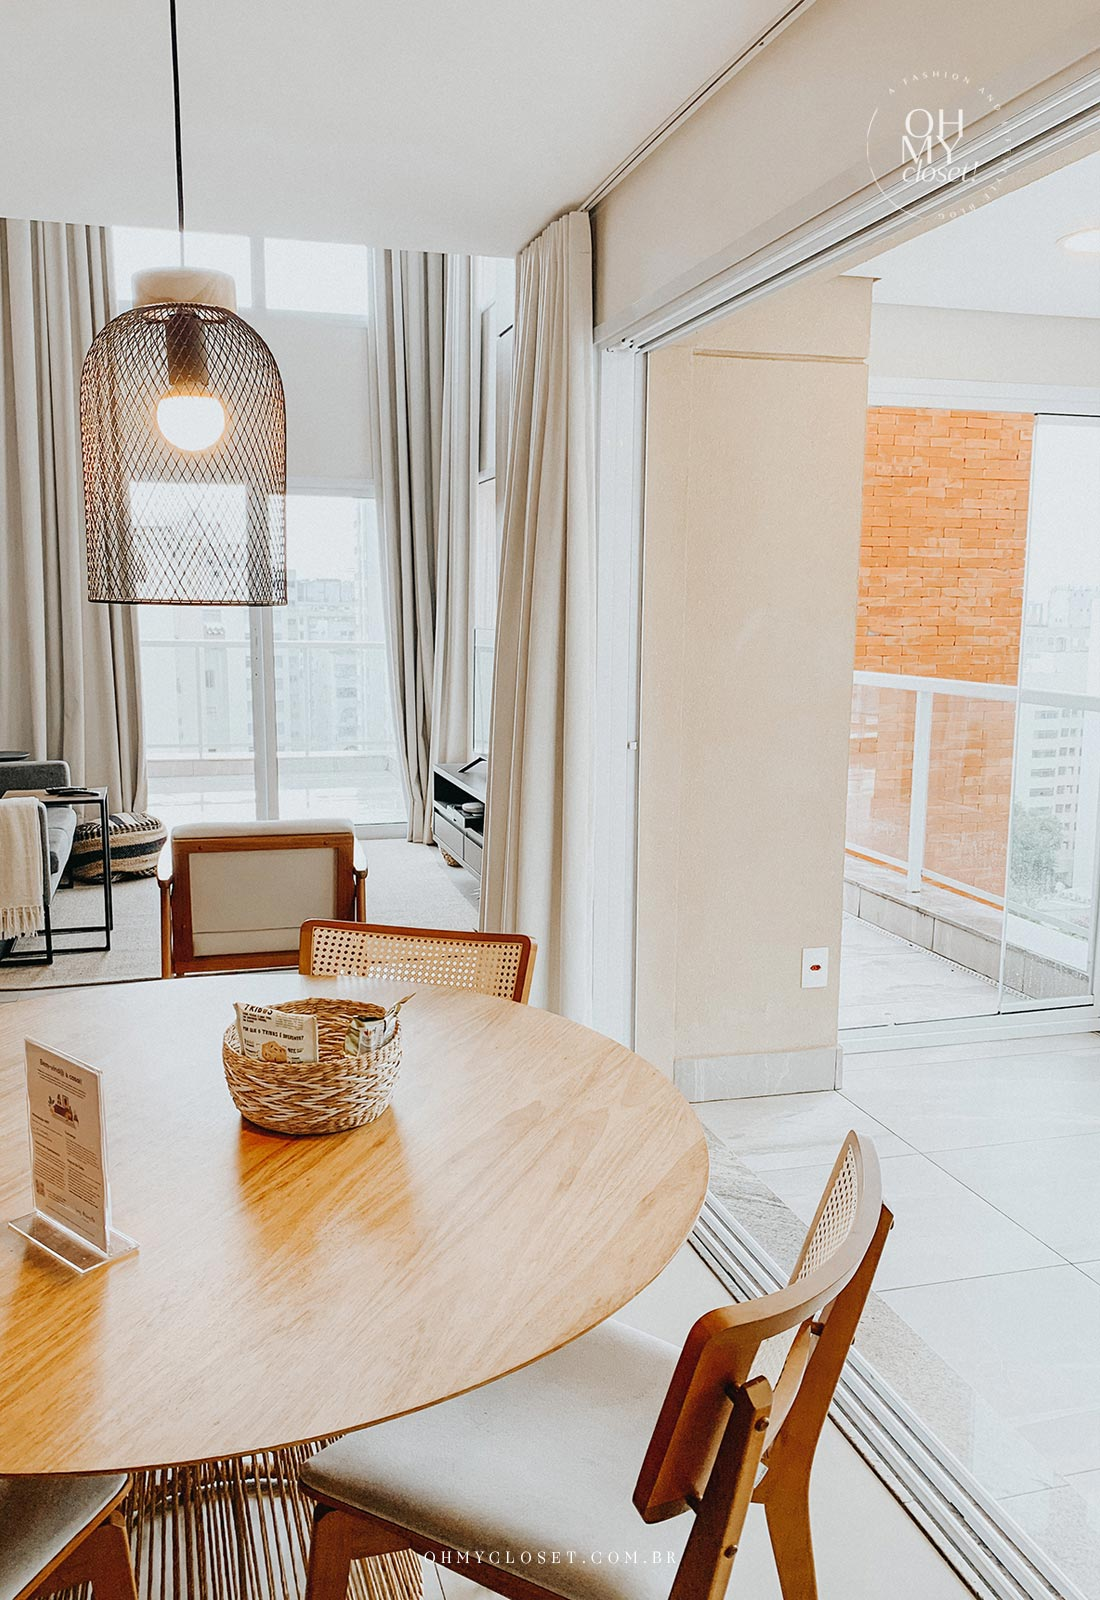 Sala de jantar e mesa apartamento Airbnb nos Jardins em São Paulo.